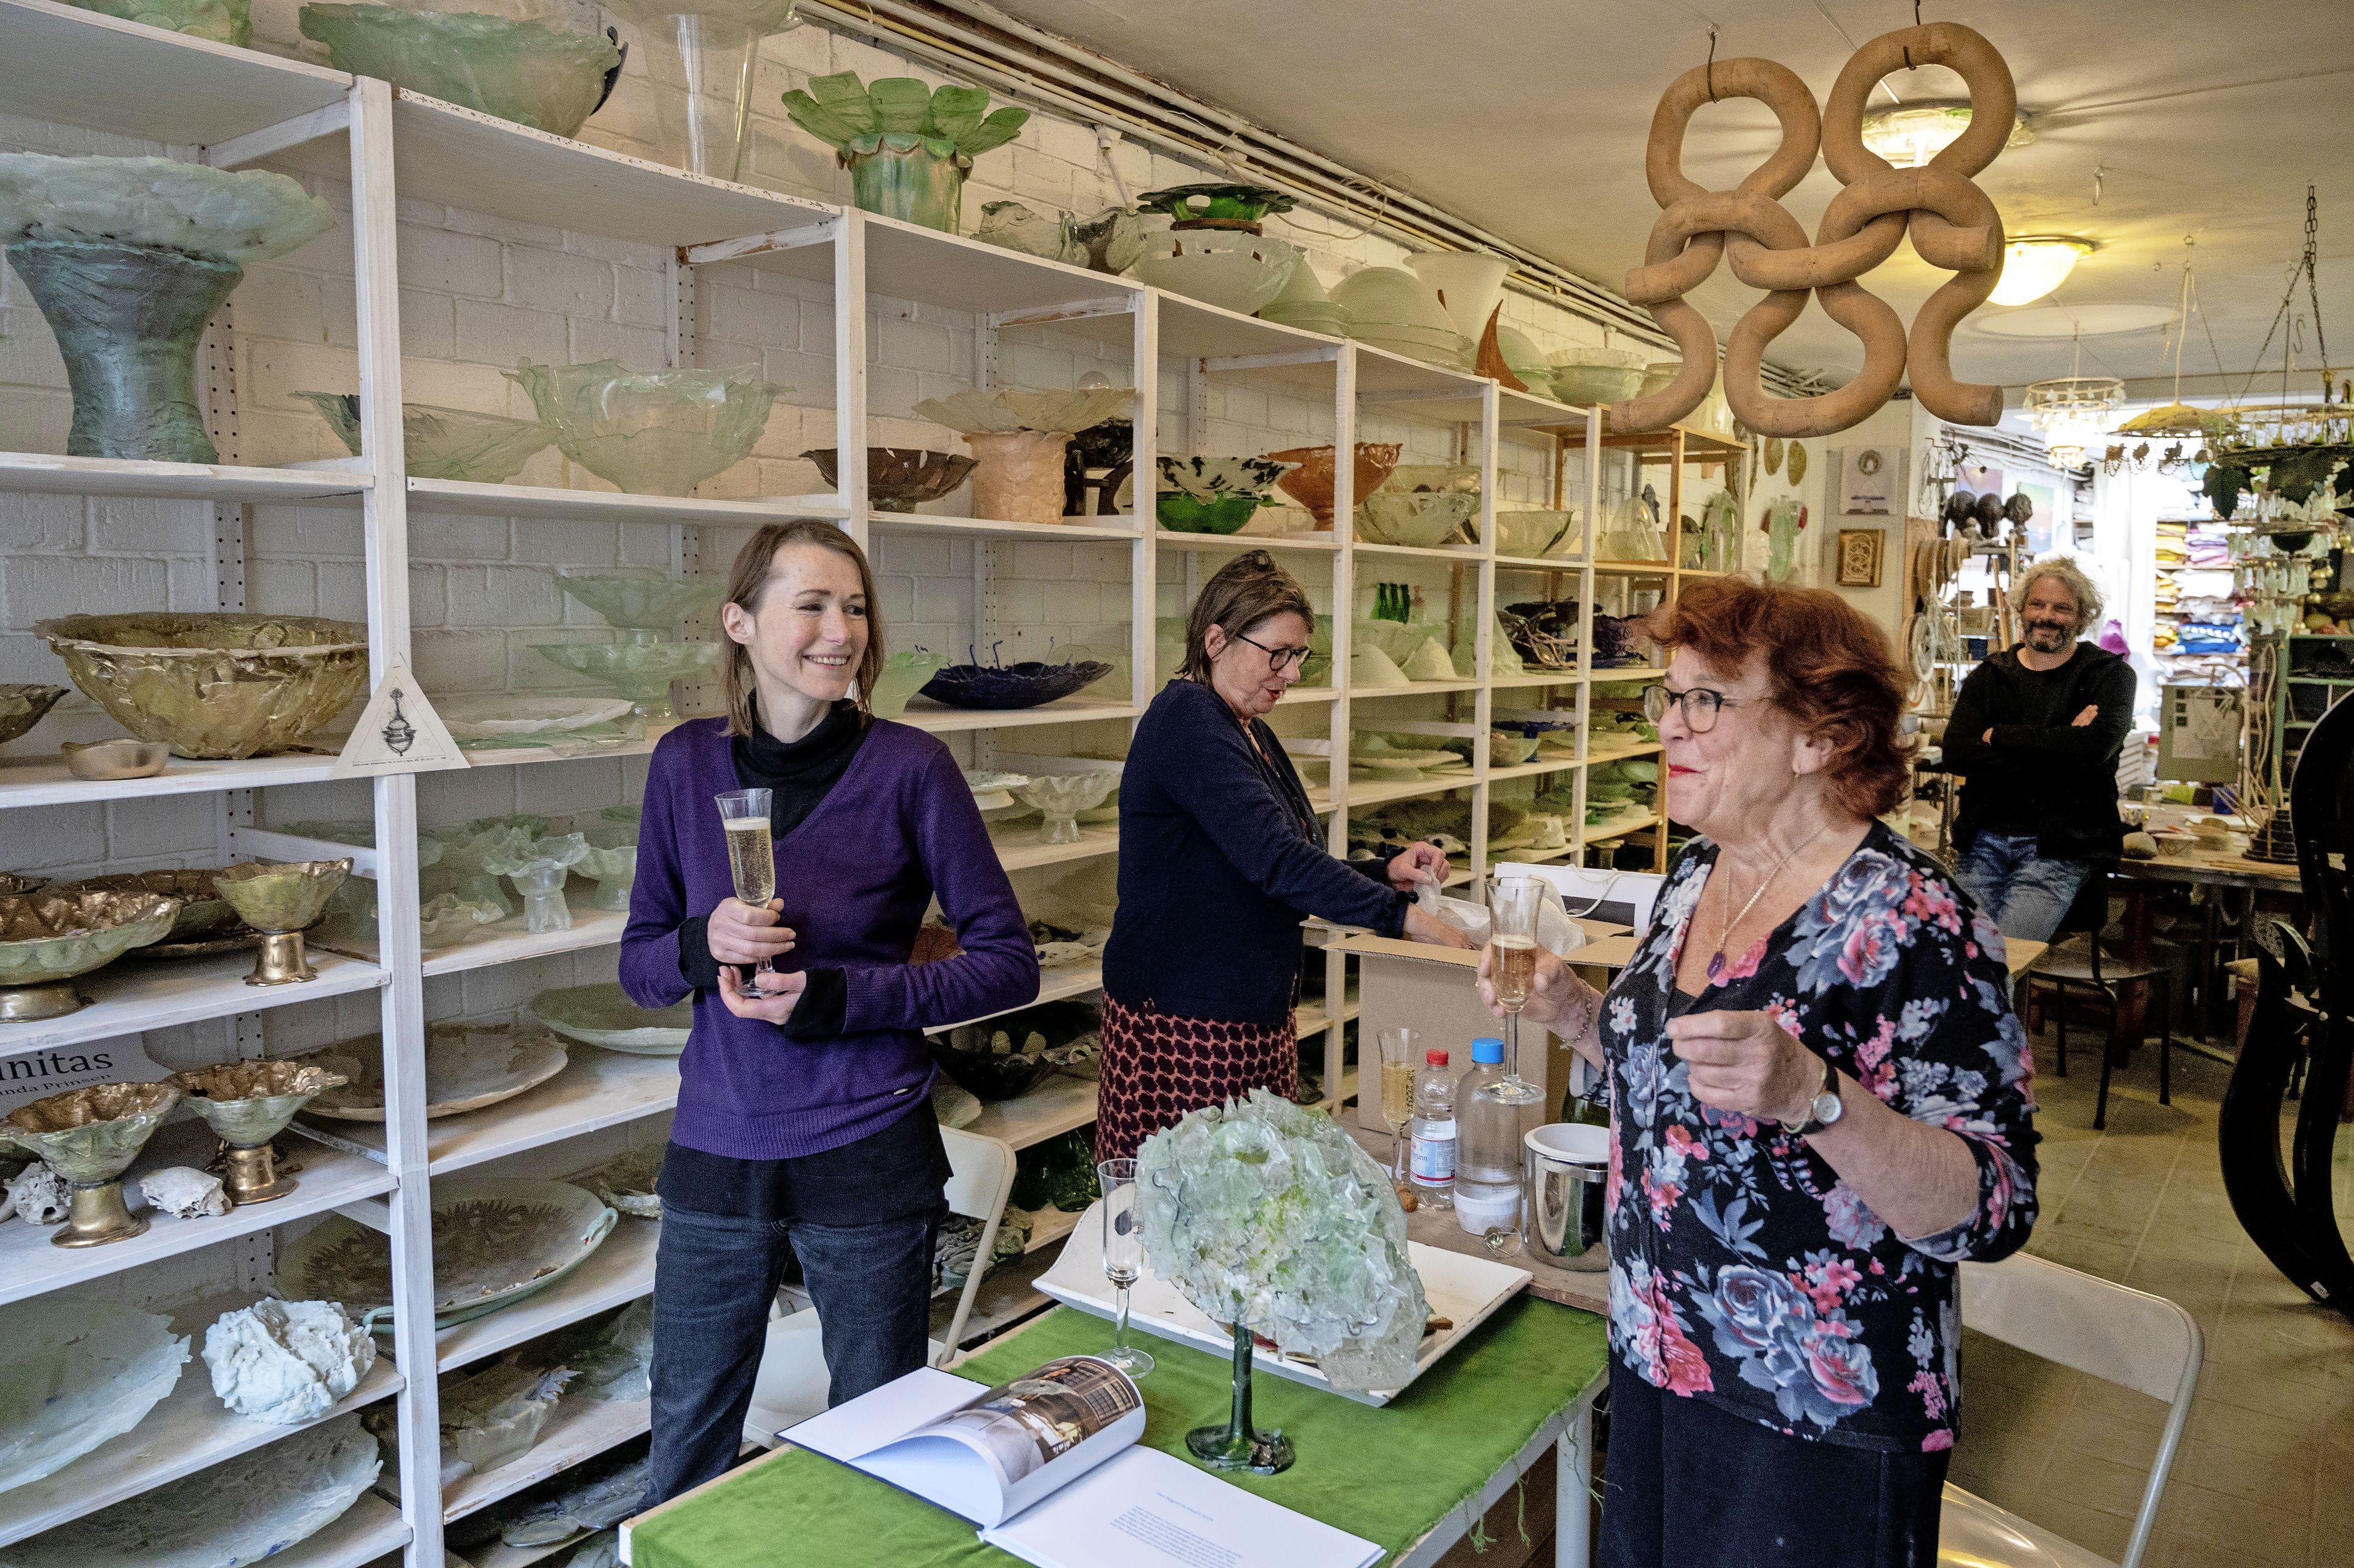 Staaltjes van troost en afleiding in de etalage van galerie de Tijd; Jolanda Prinsen en Sylvia Hubers verrukt als voorbijgangers even stilstaan bij hun werk